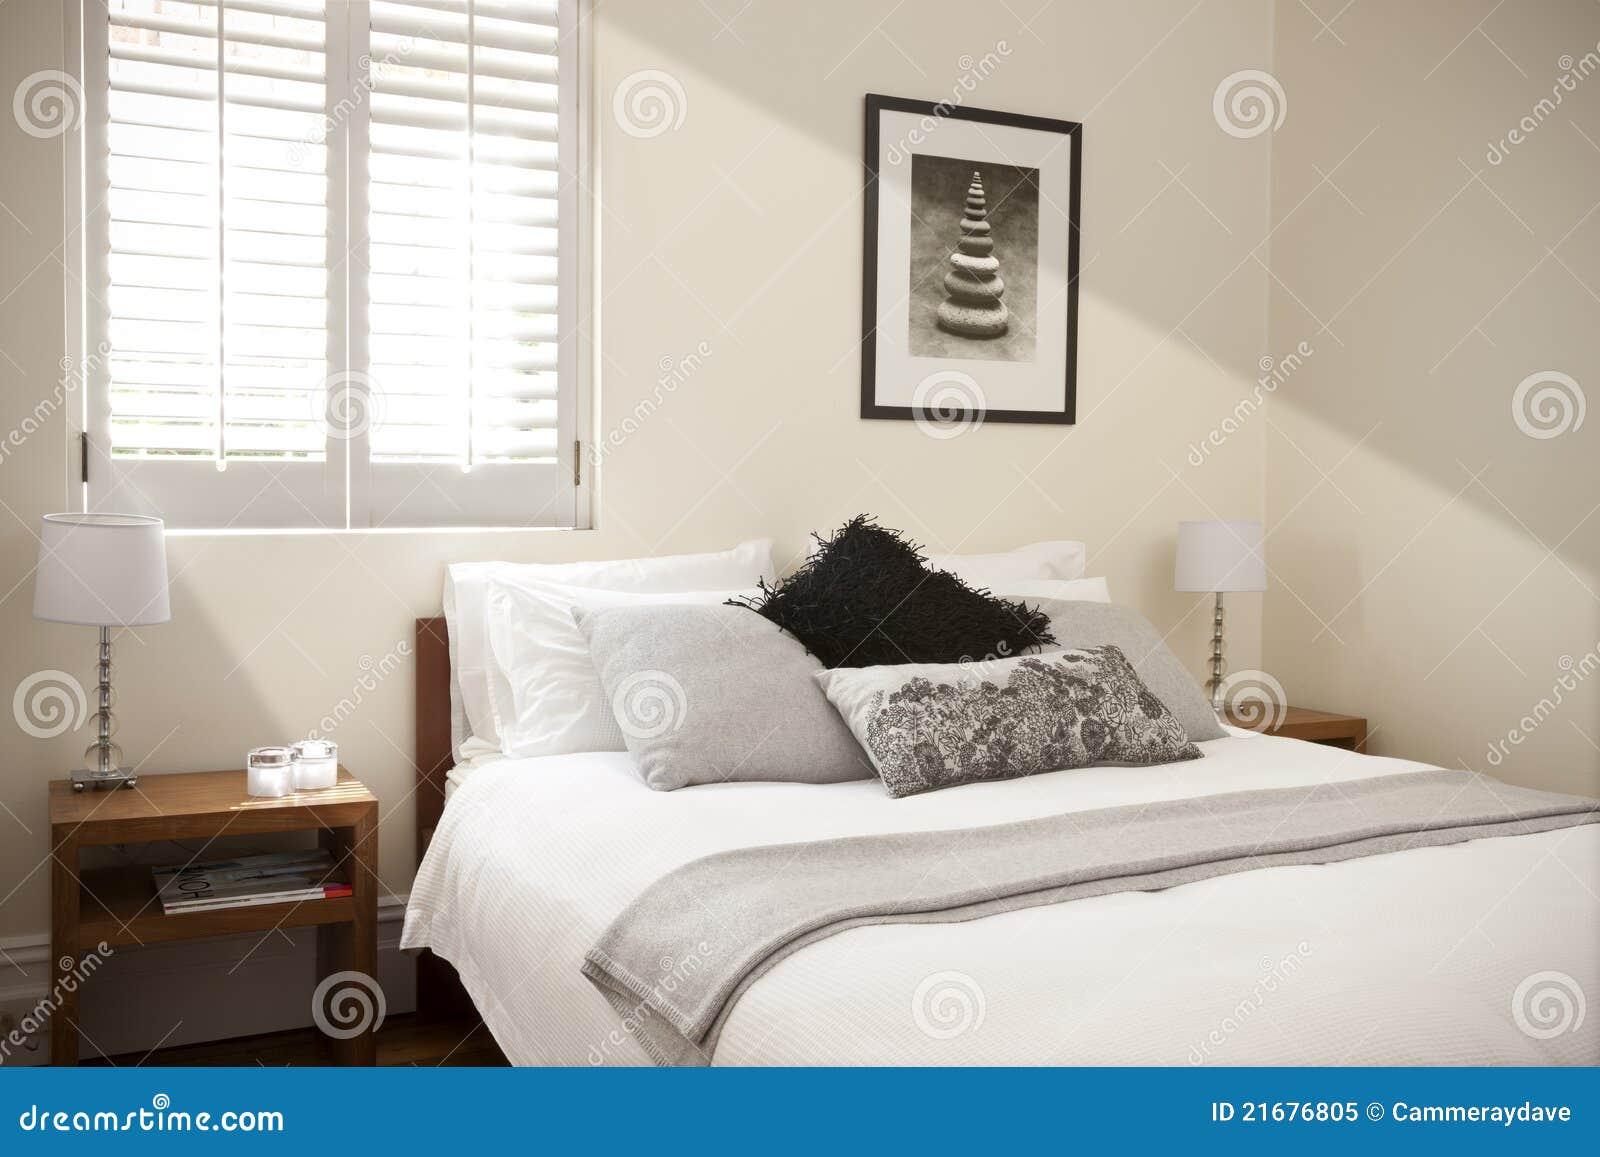 Lumi re d int rieur de b ti de chambre coucher - Architecture d interieur chambre a coucher ...